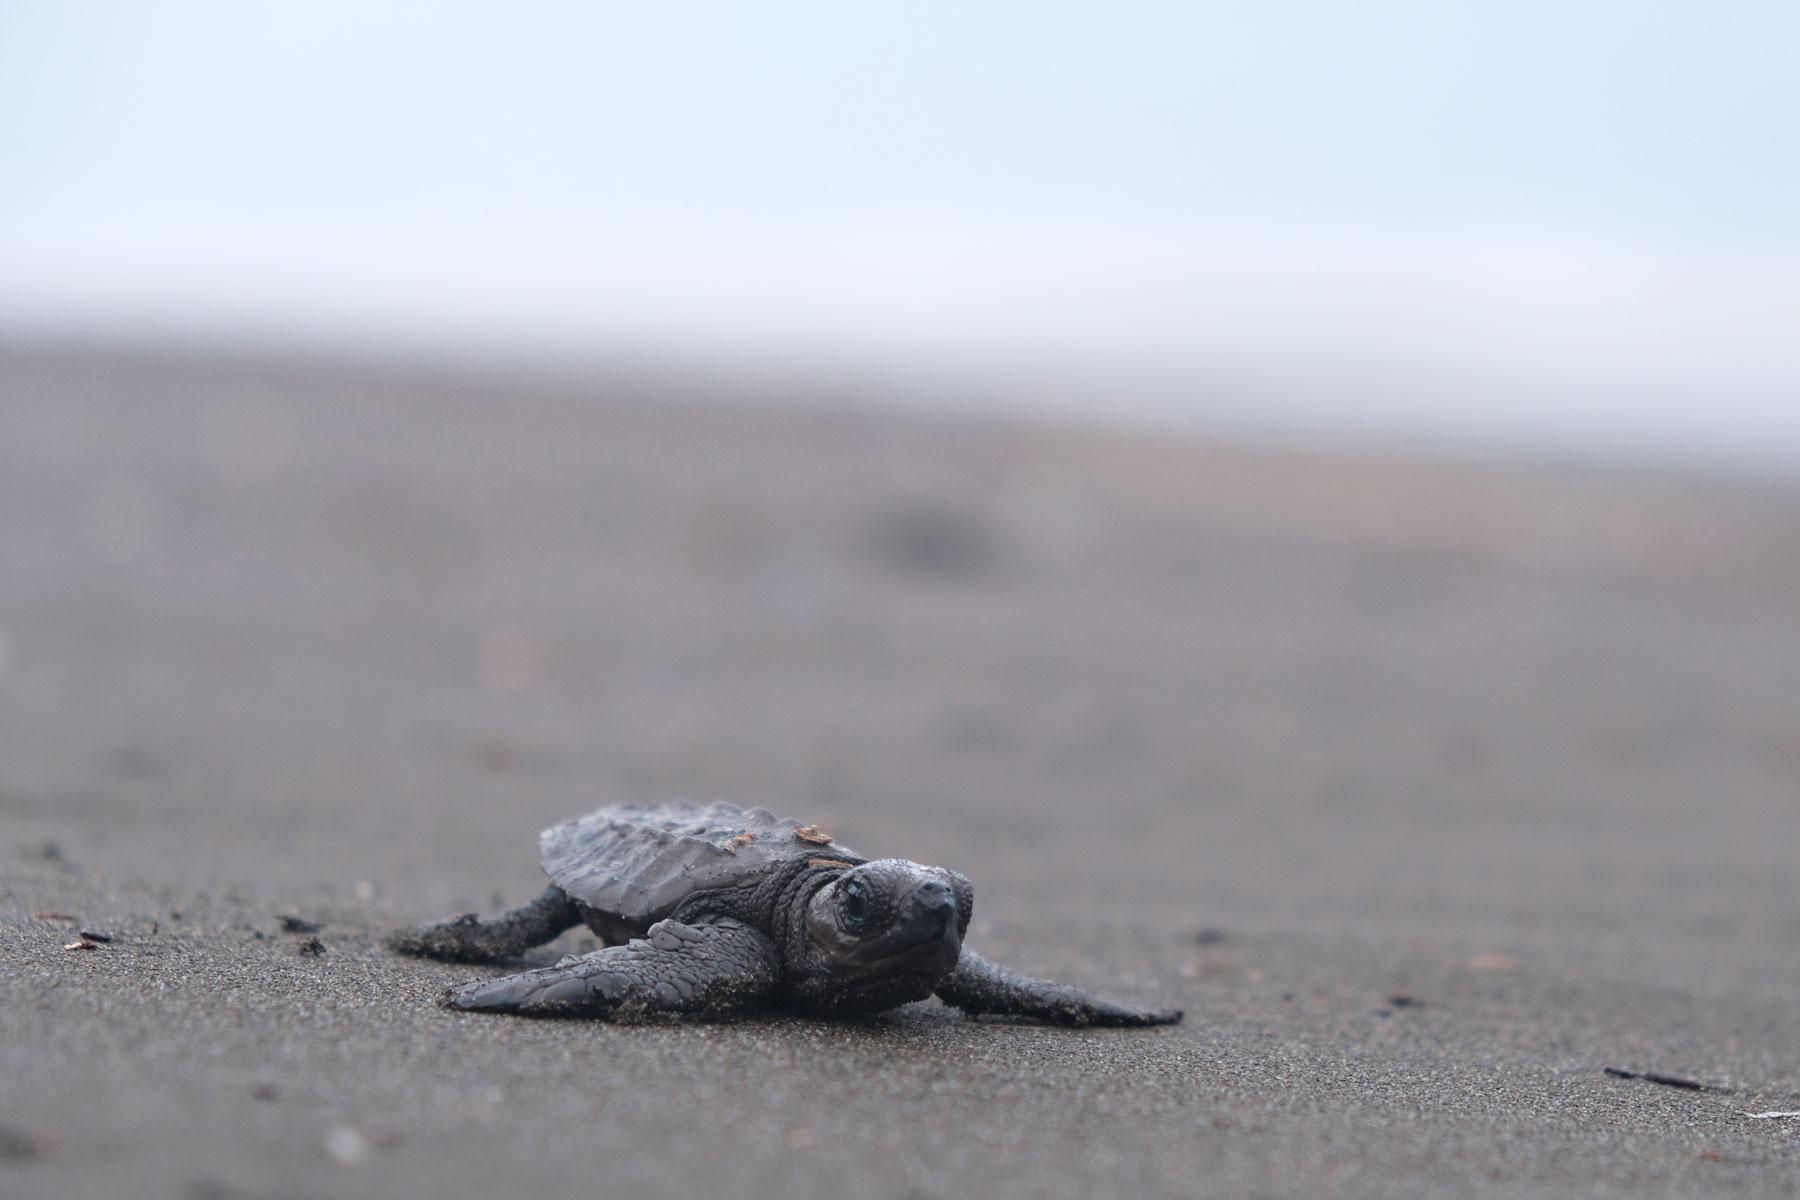 """Eine im Laufe des Tages geschlüpfte kleine """"Eine pazifische Bastardschildkröte am Strand von Costa Rica.röte"""